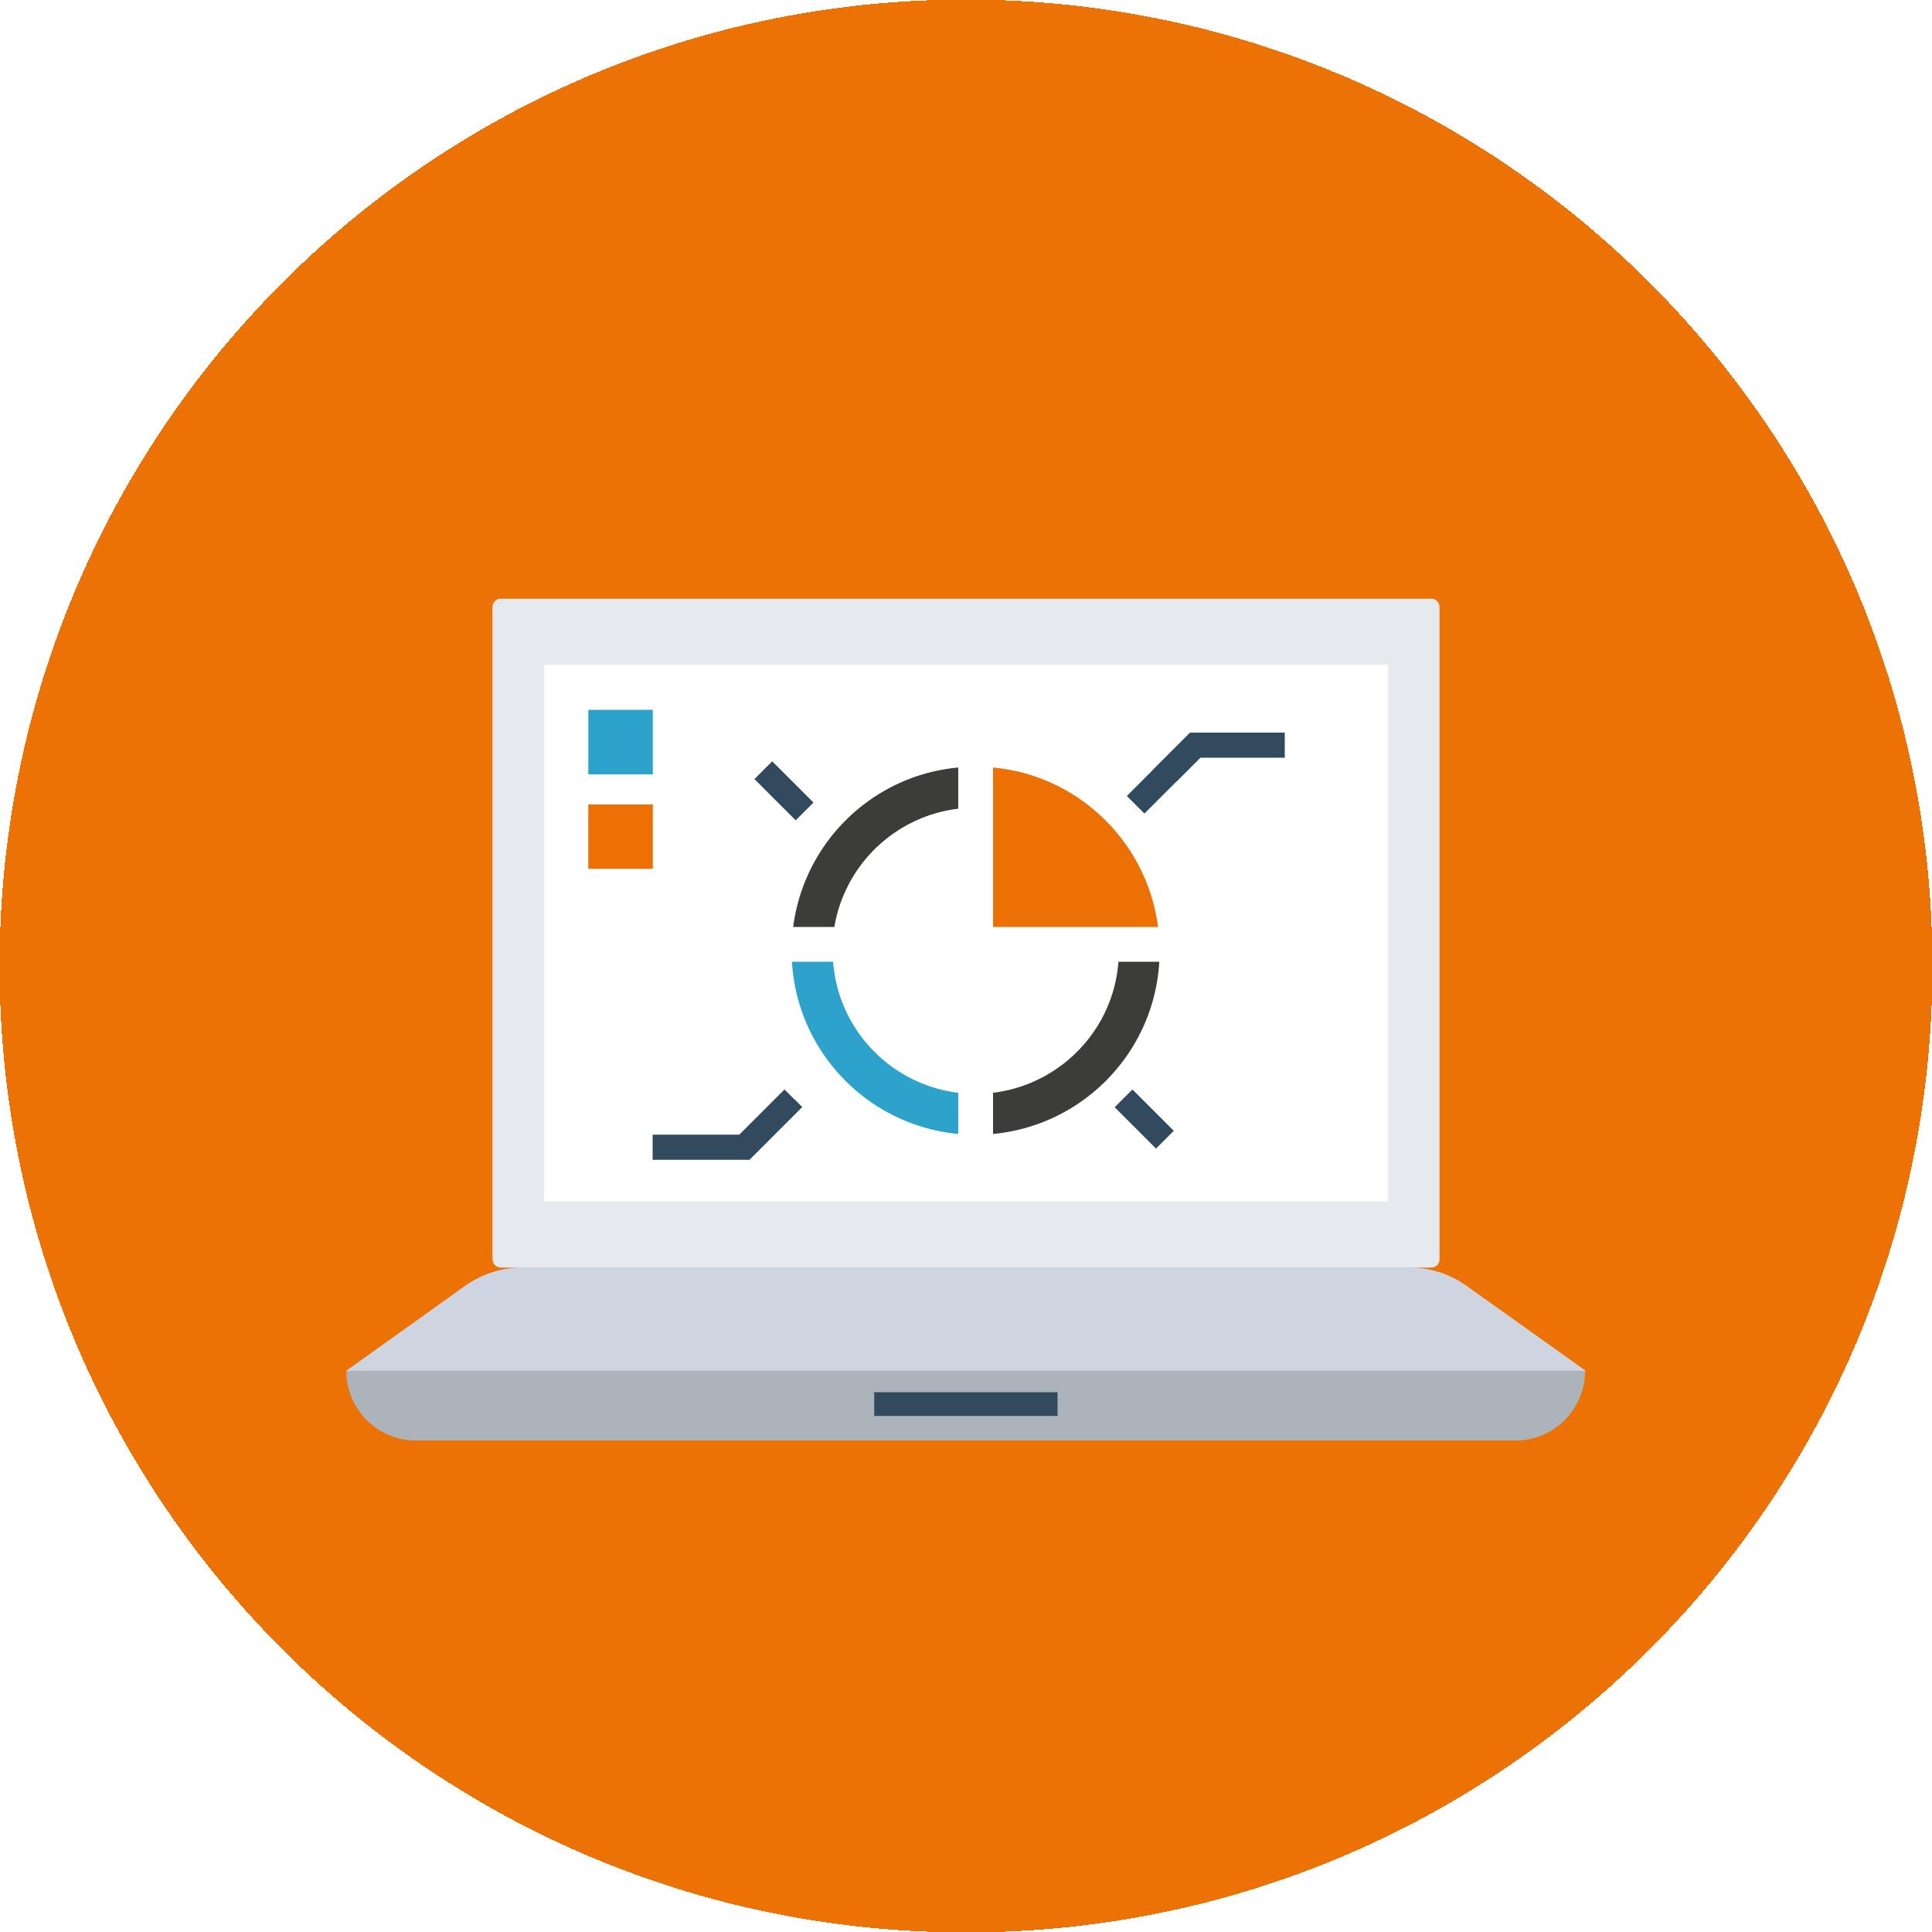 Analytic-dashboard-clients-segmentation